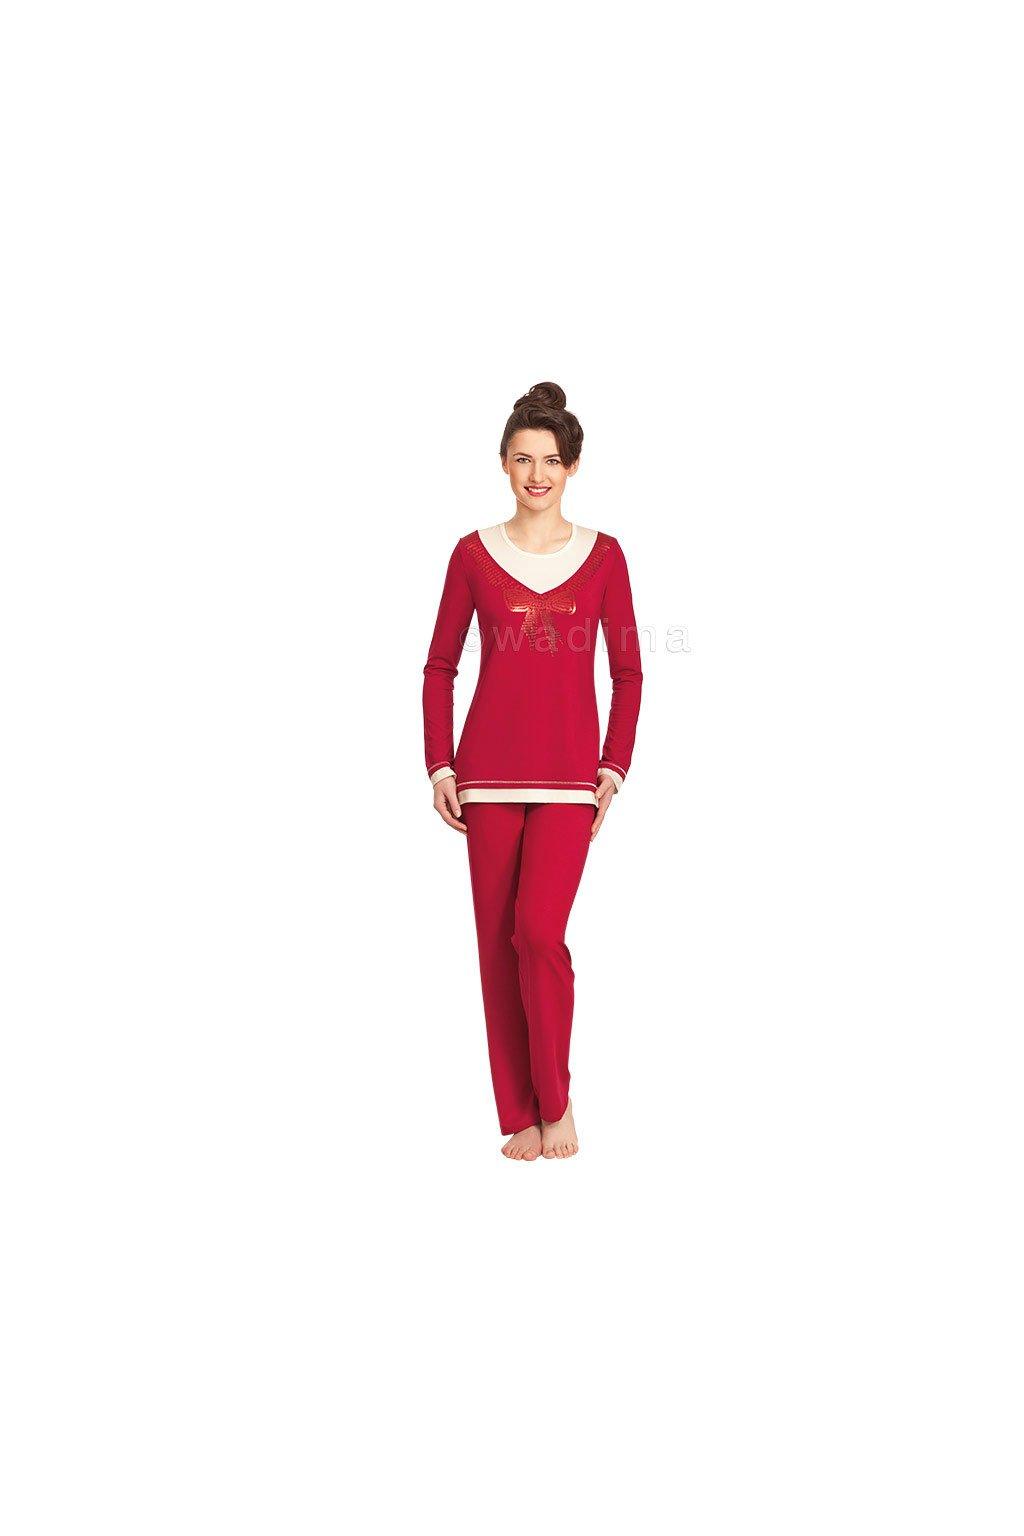 Dámské pyžamo s dlouhým rukávem, 104285 77, rubínová